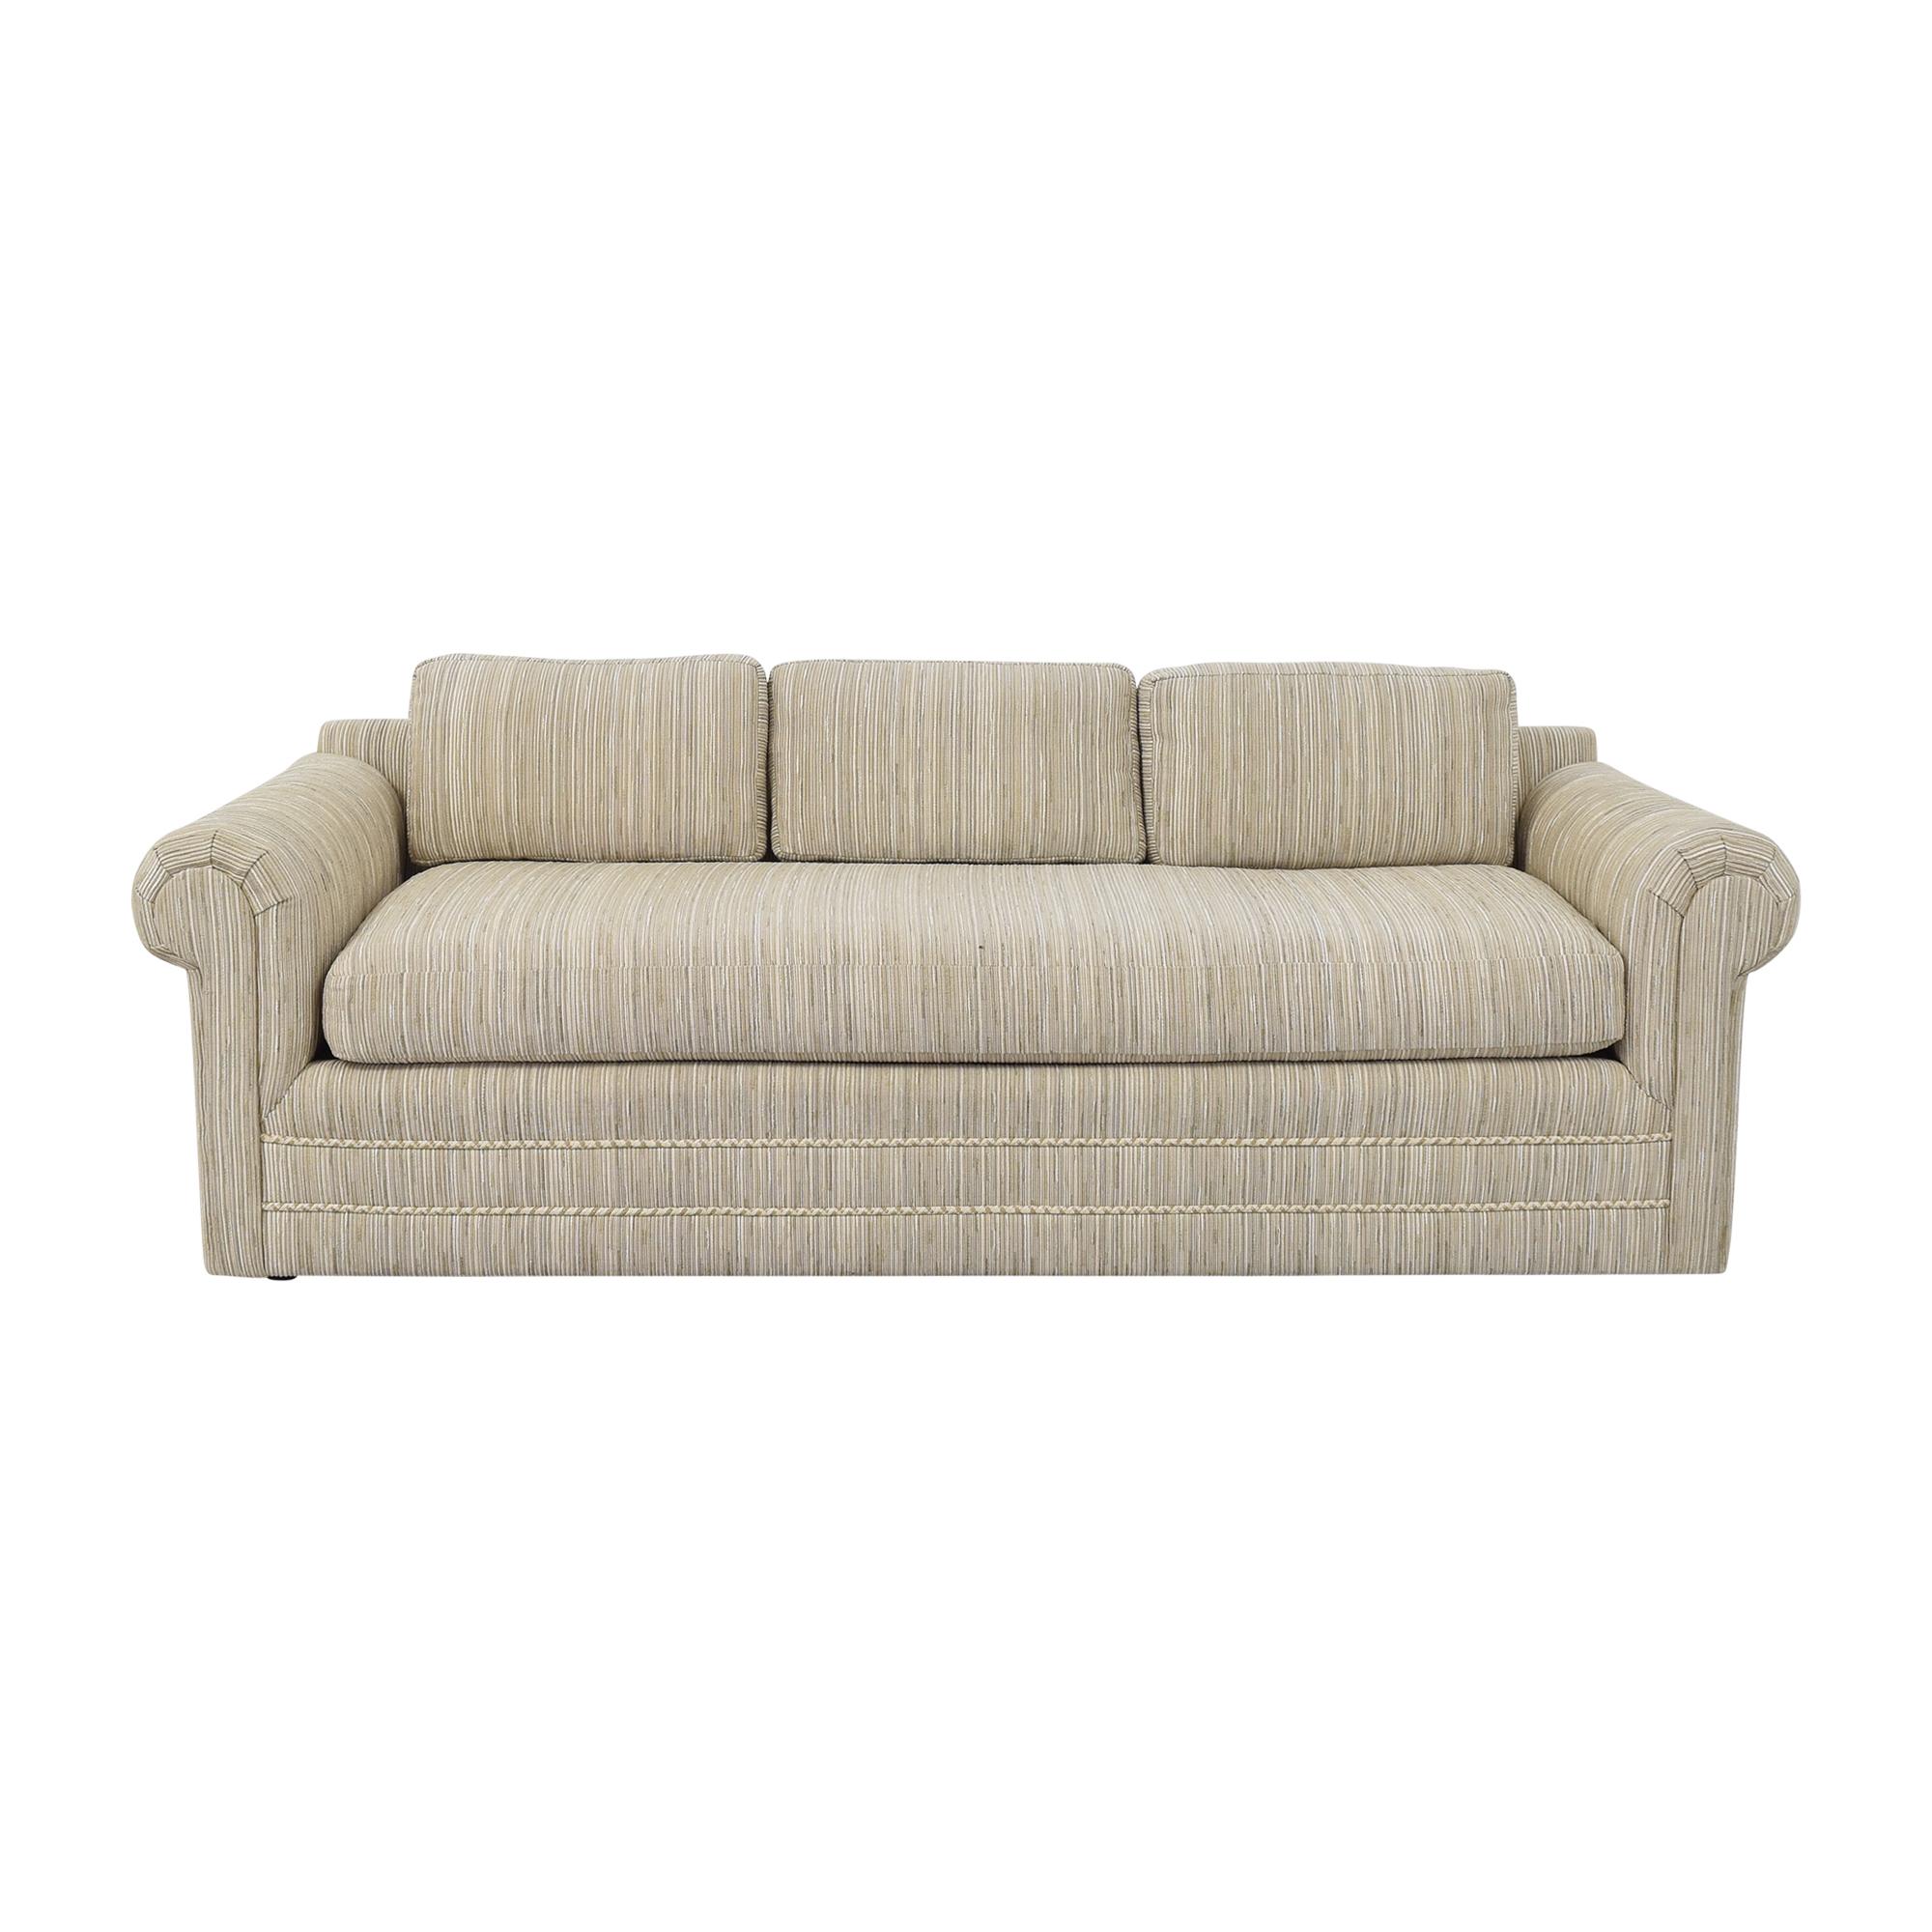 Bench Cushion Sofa sale